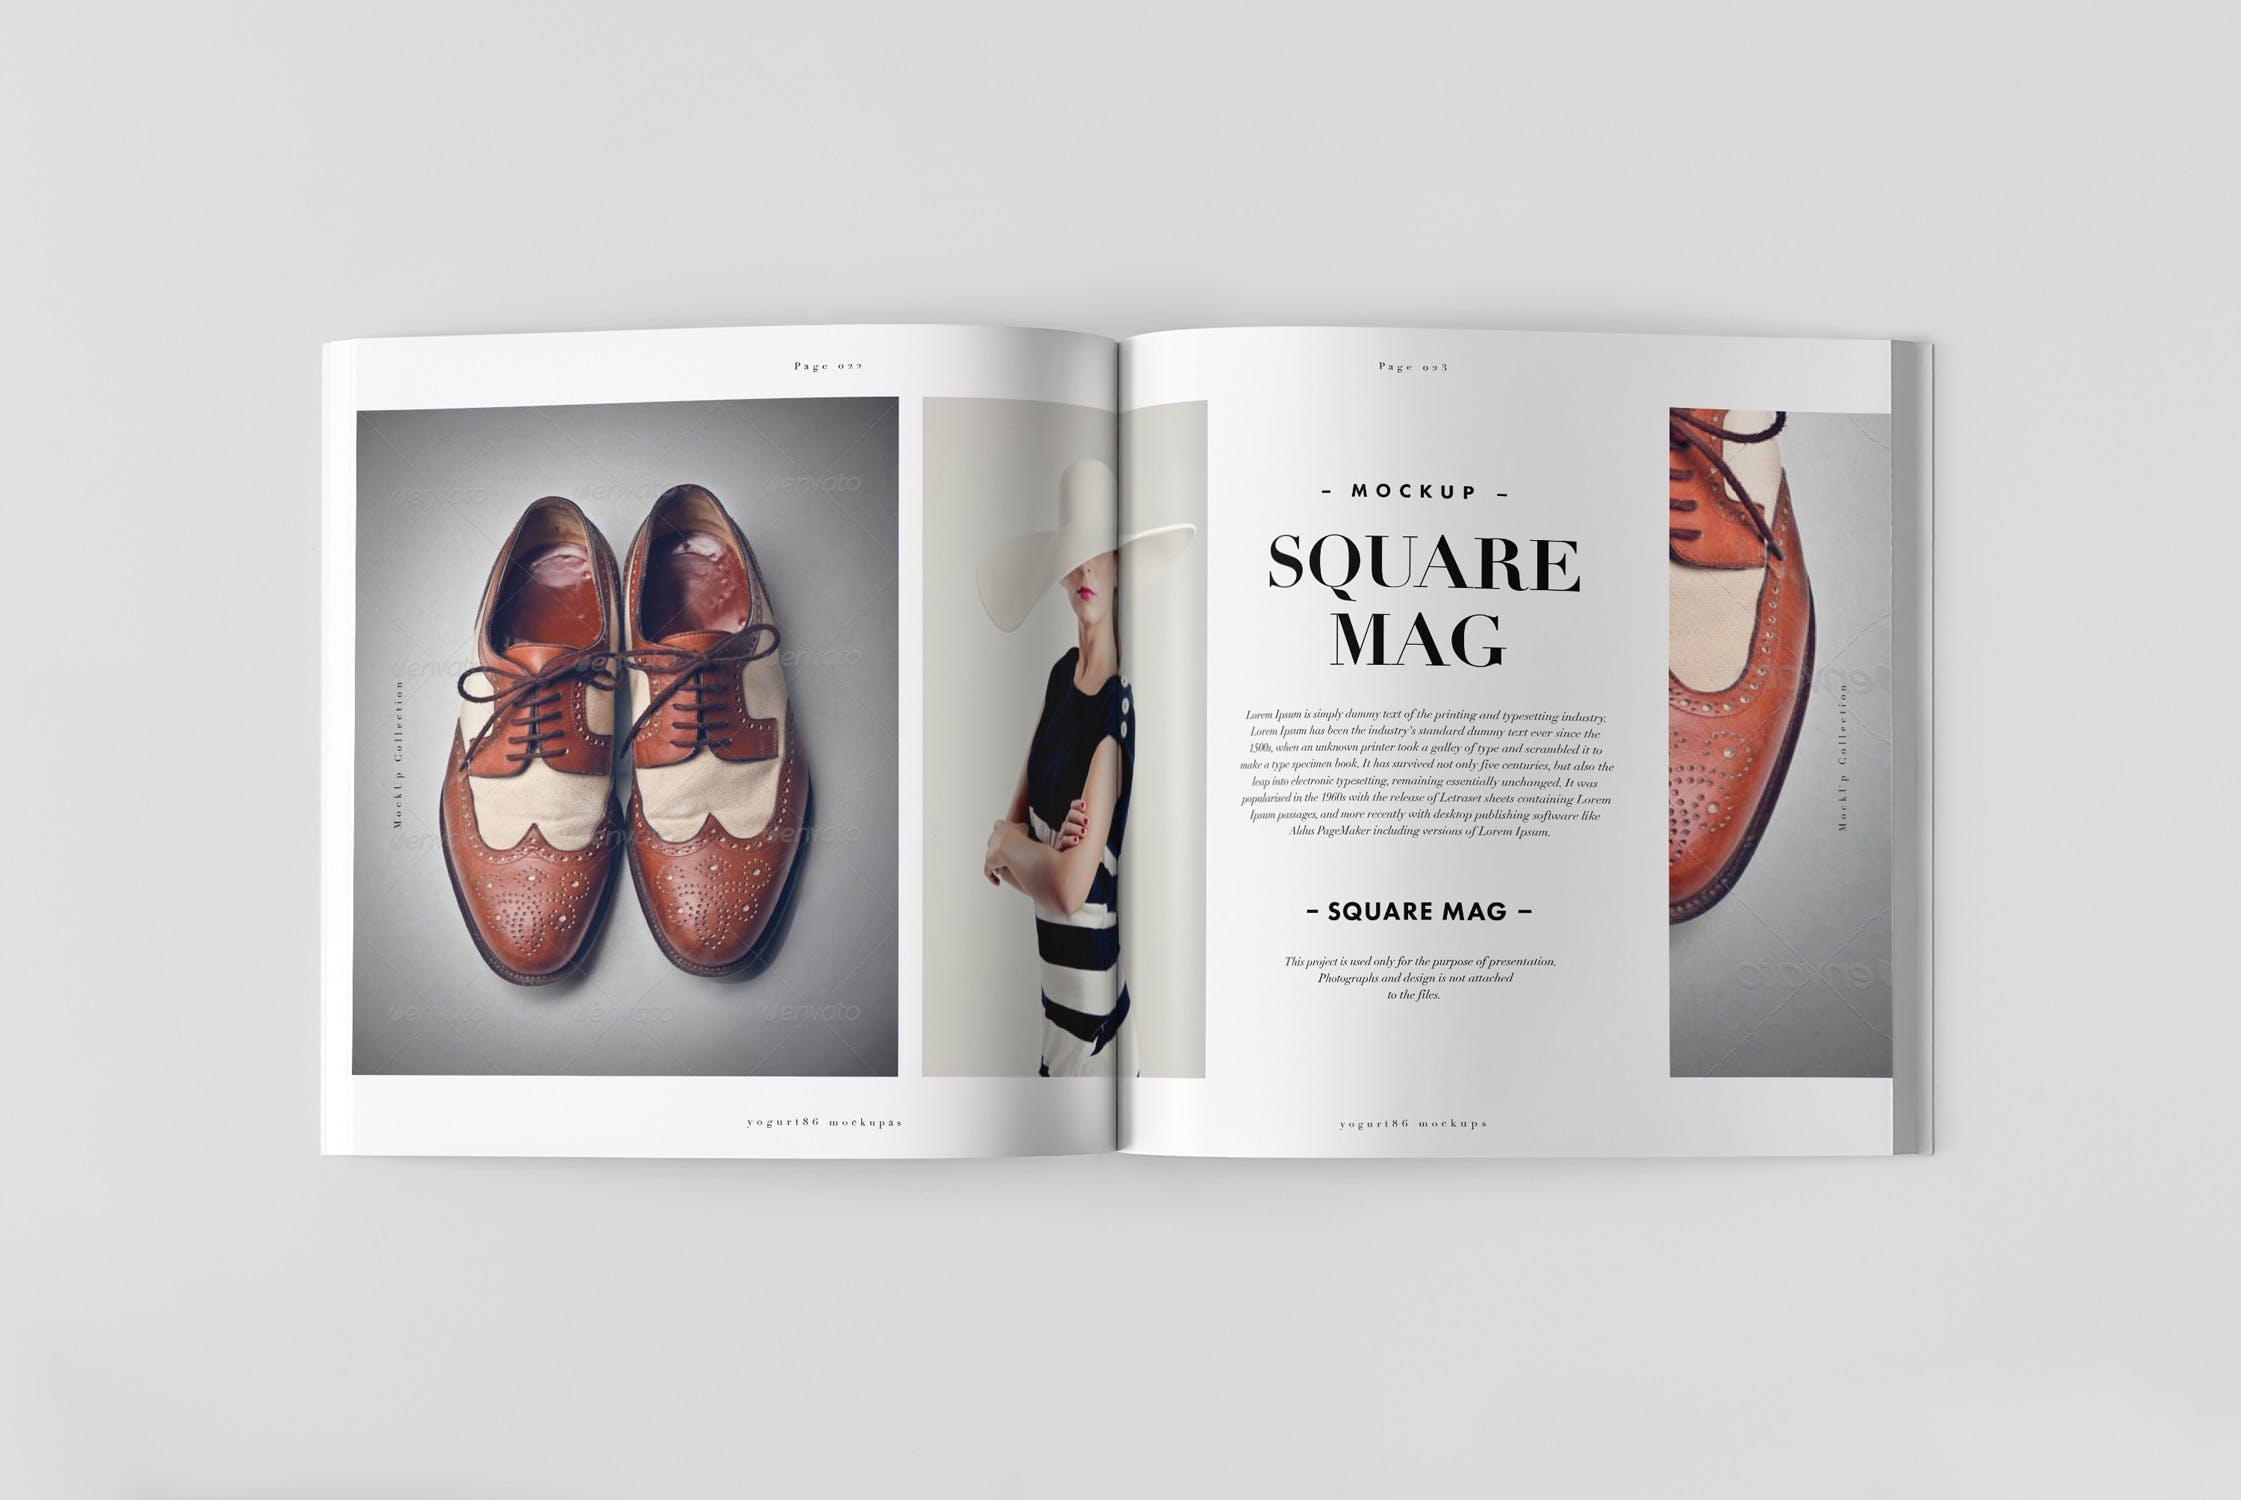 男性时尚高端杂志样机模板展示Square Magazine Mock-up